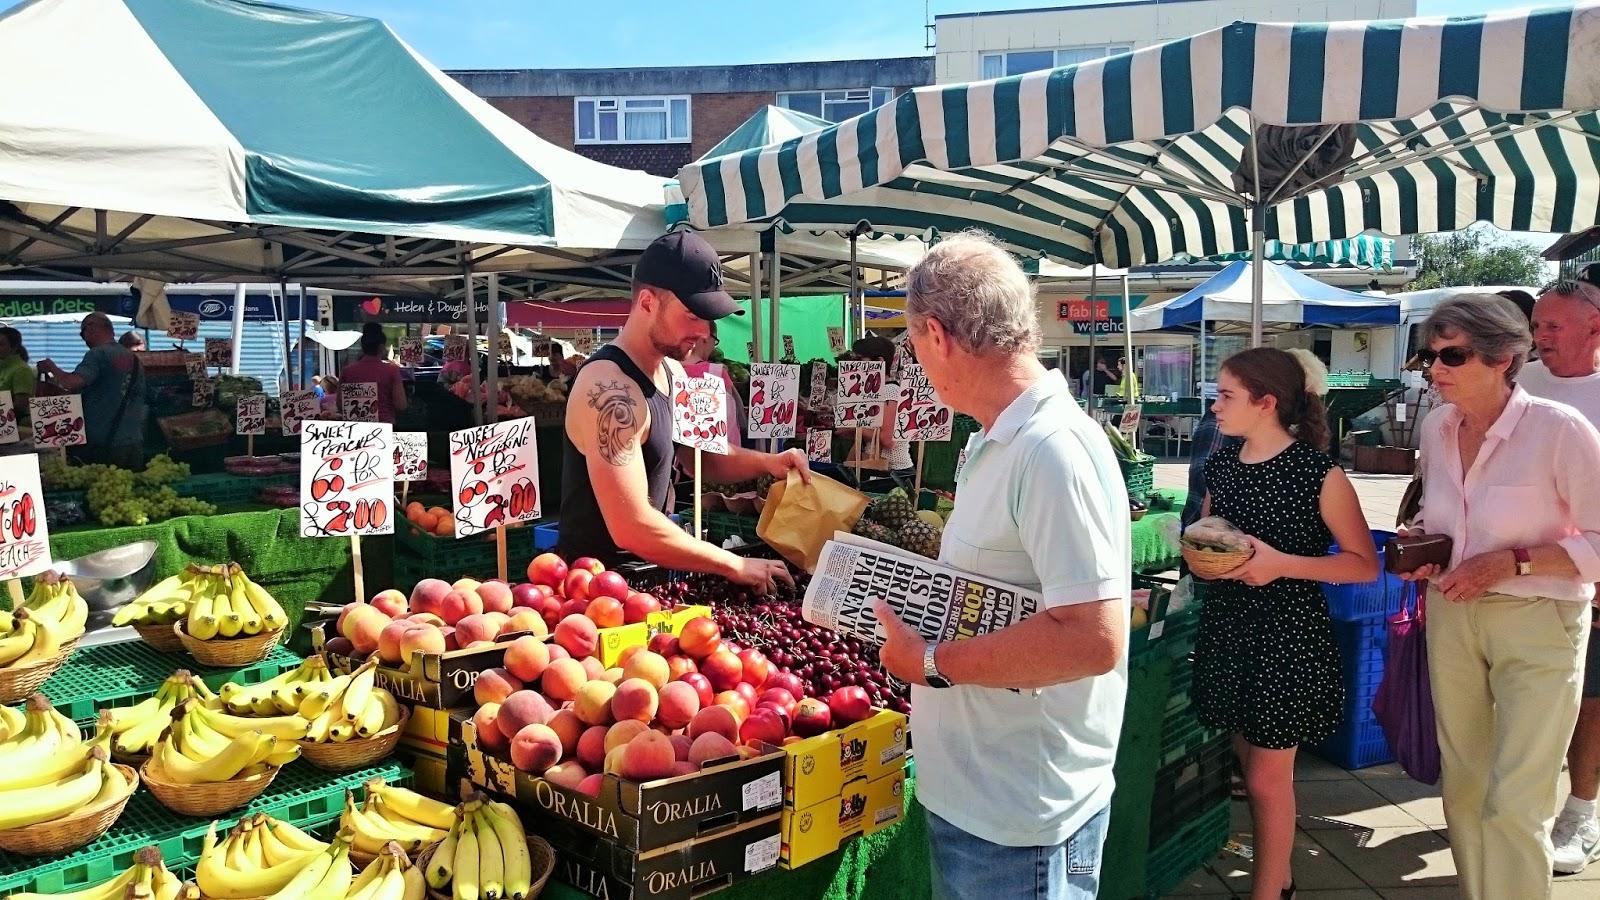 Market clipart town centre Clothes Local Market Centre Crafts